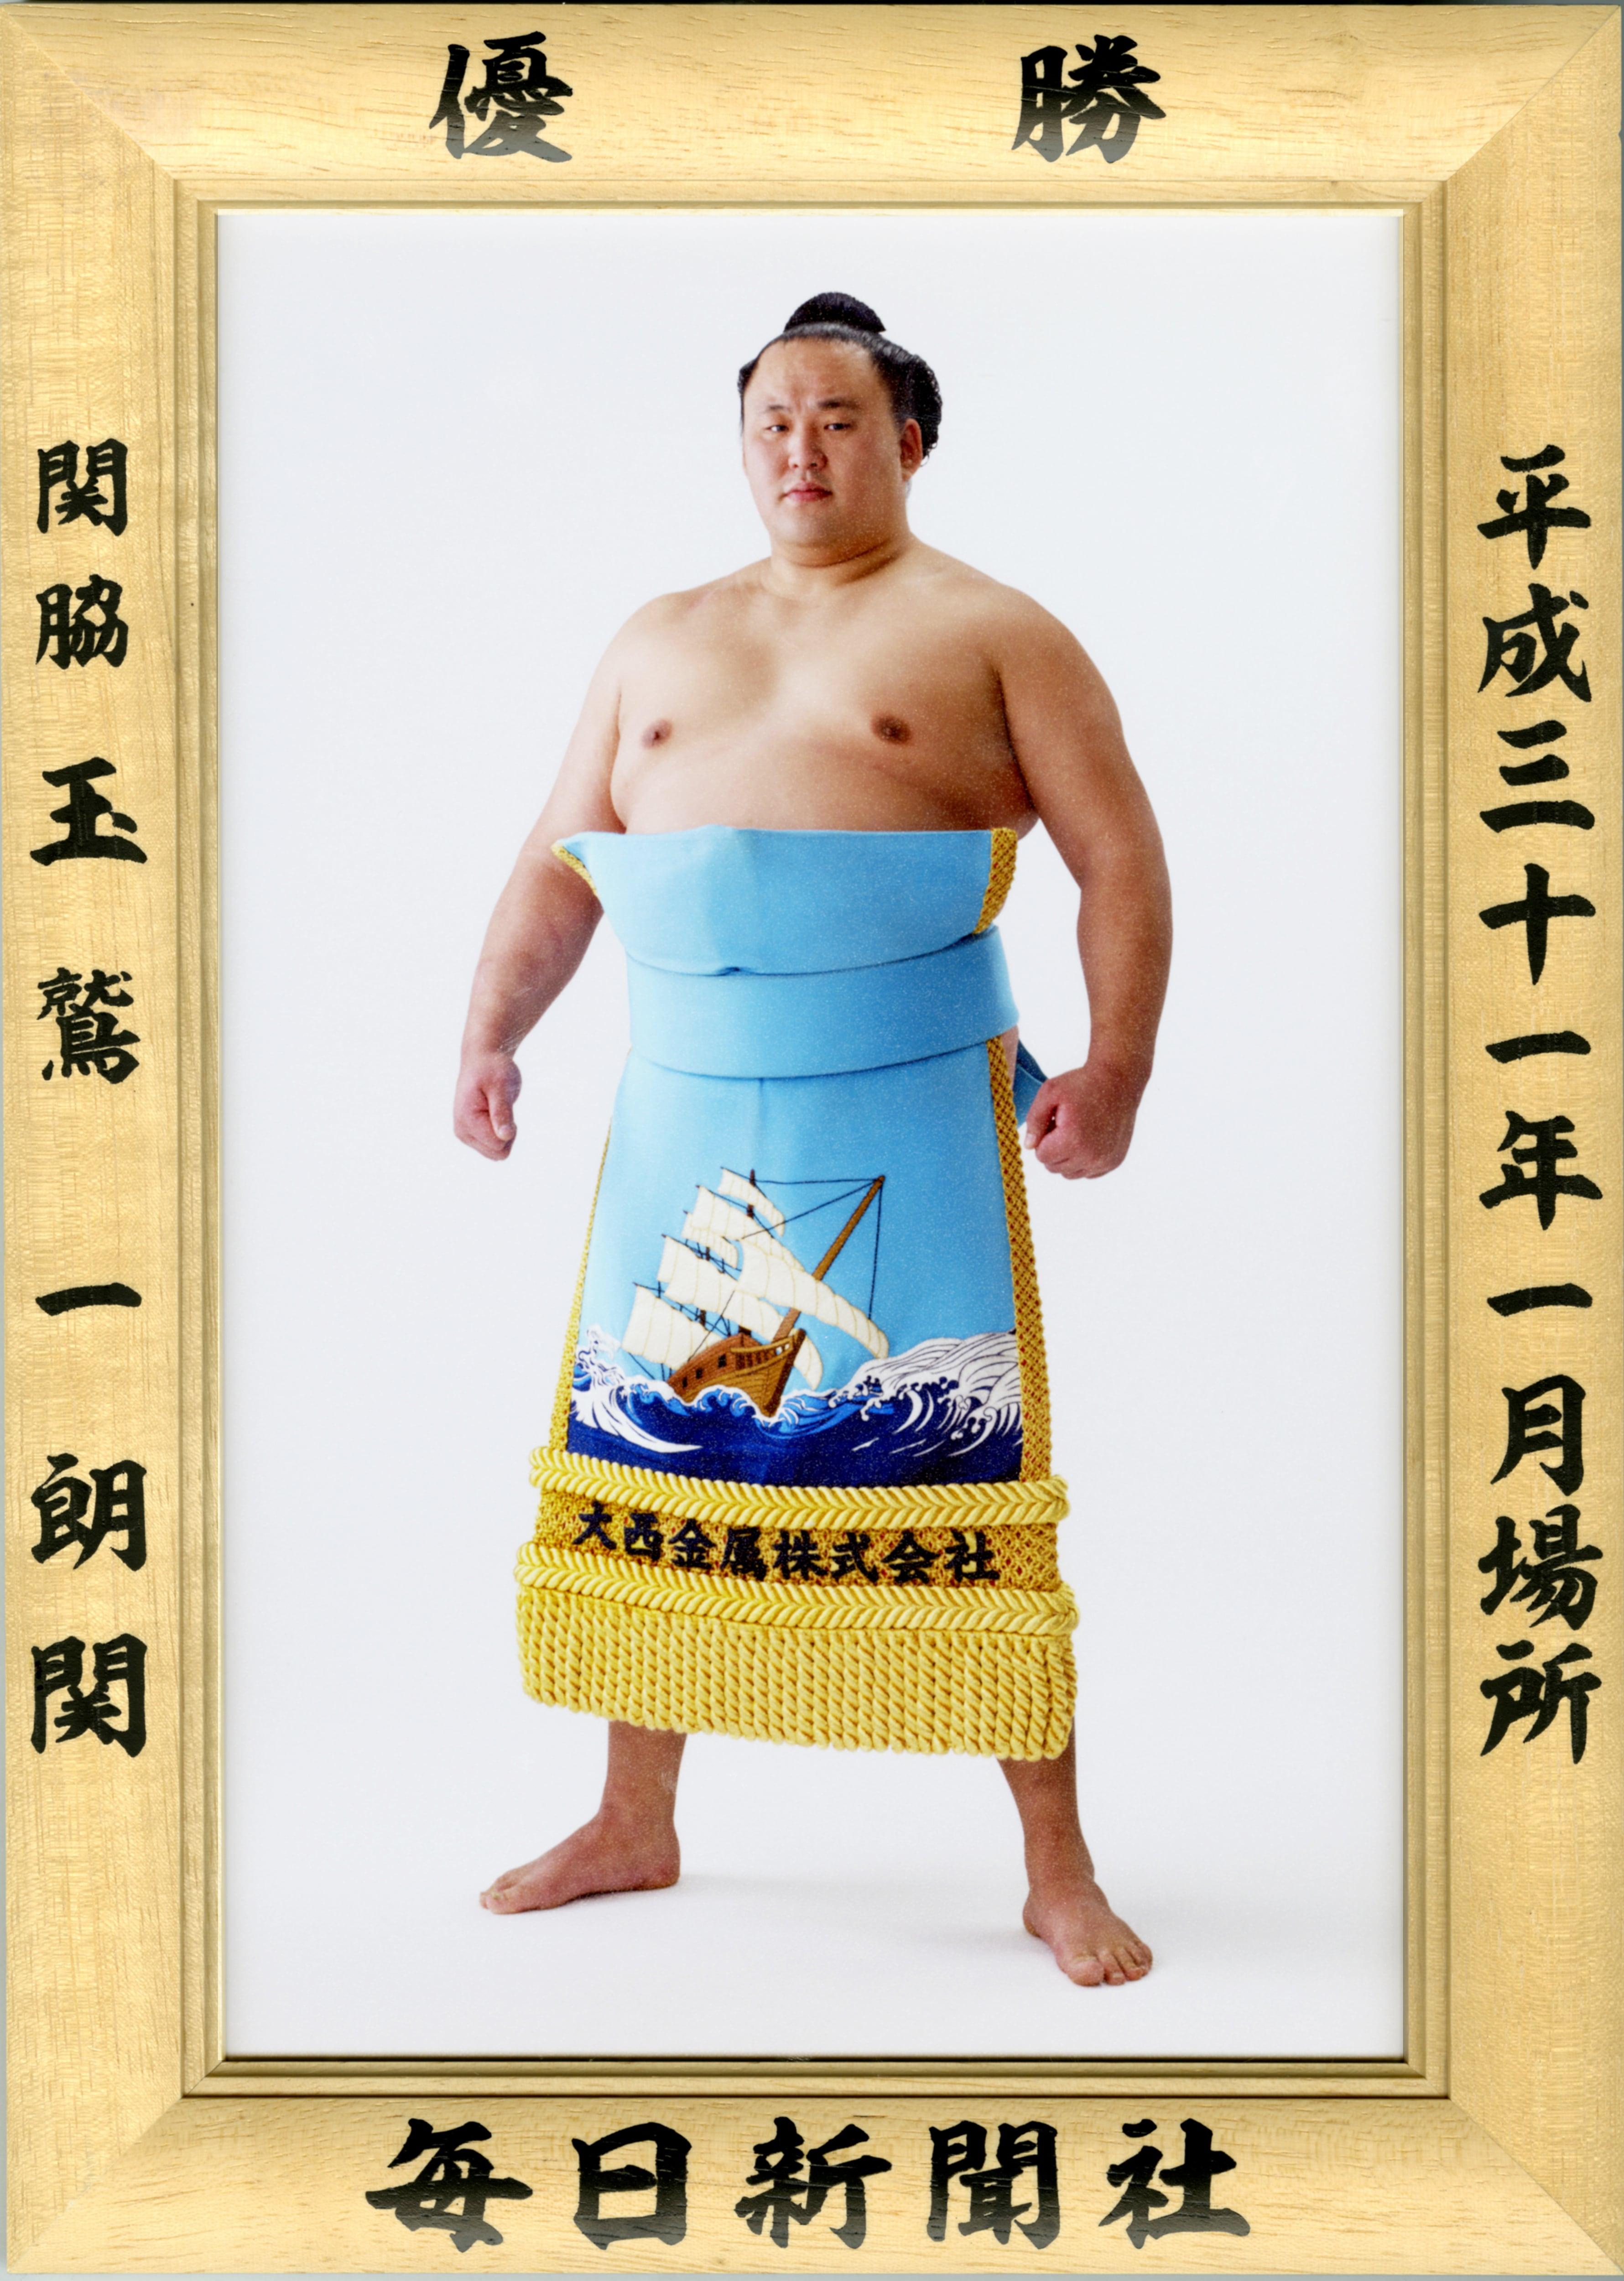 大相撲優勝額 平成31年1月場所・玉鷲関